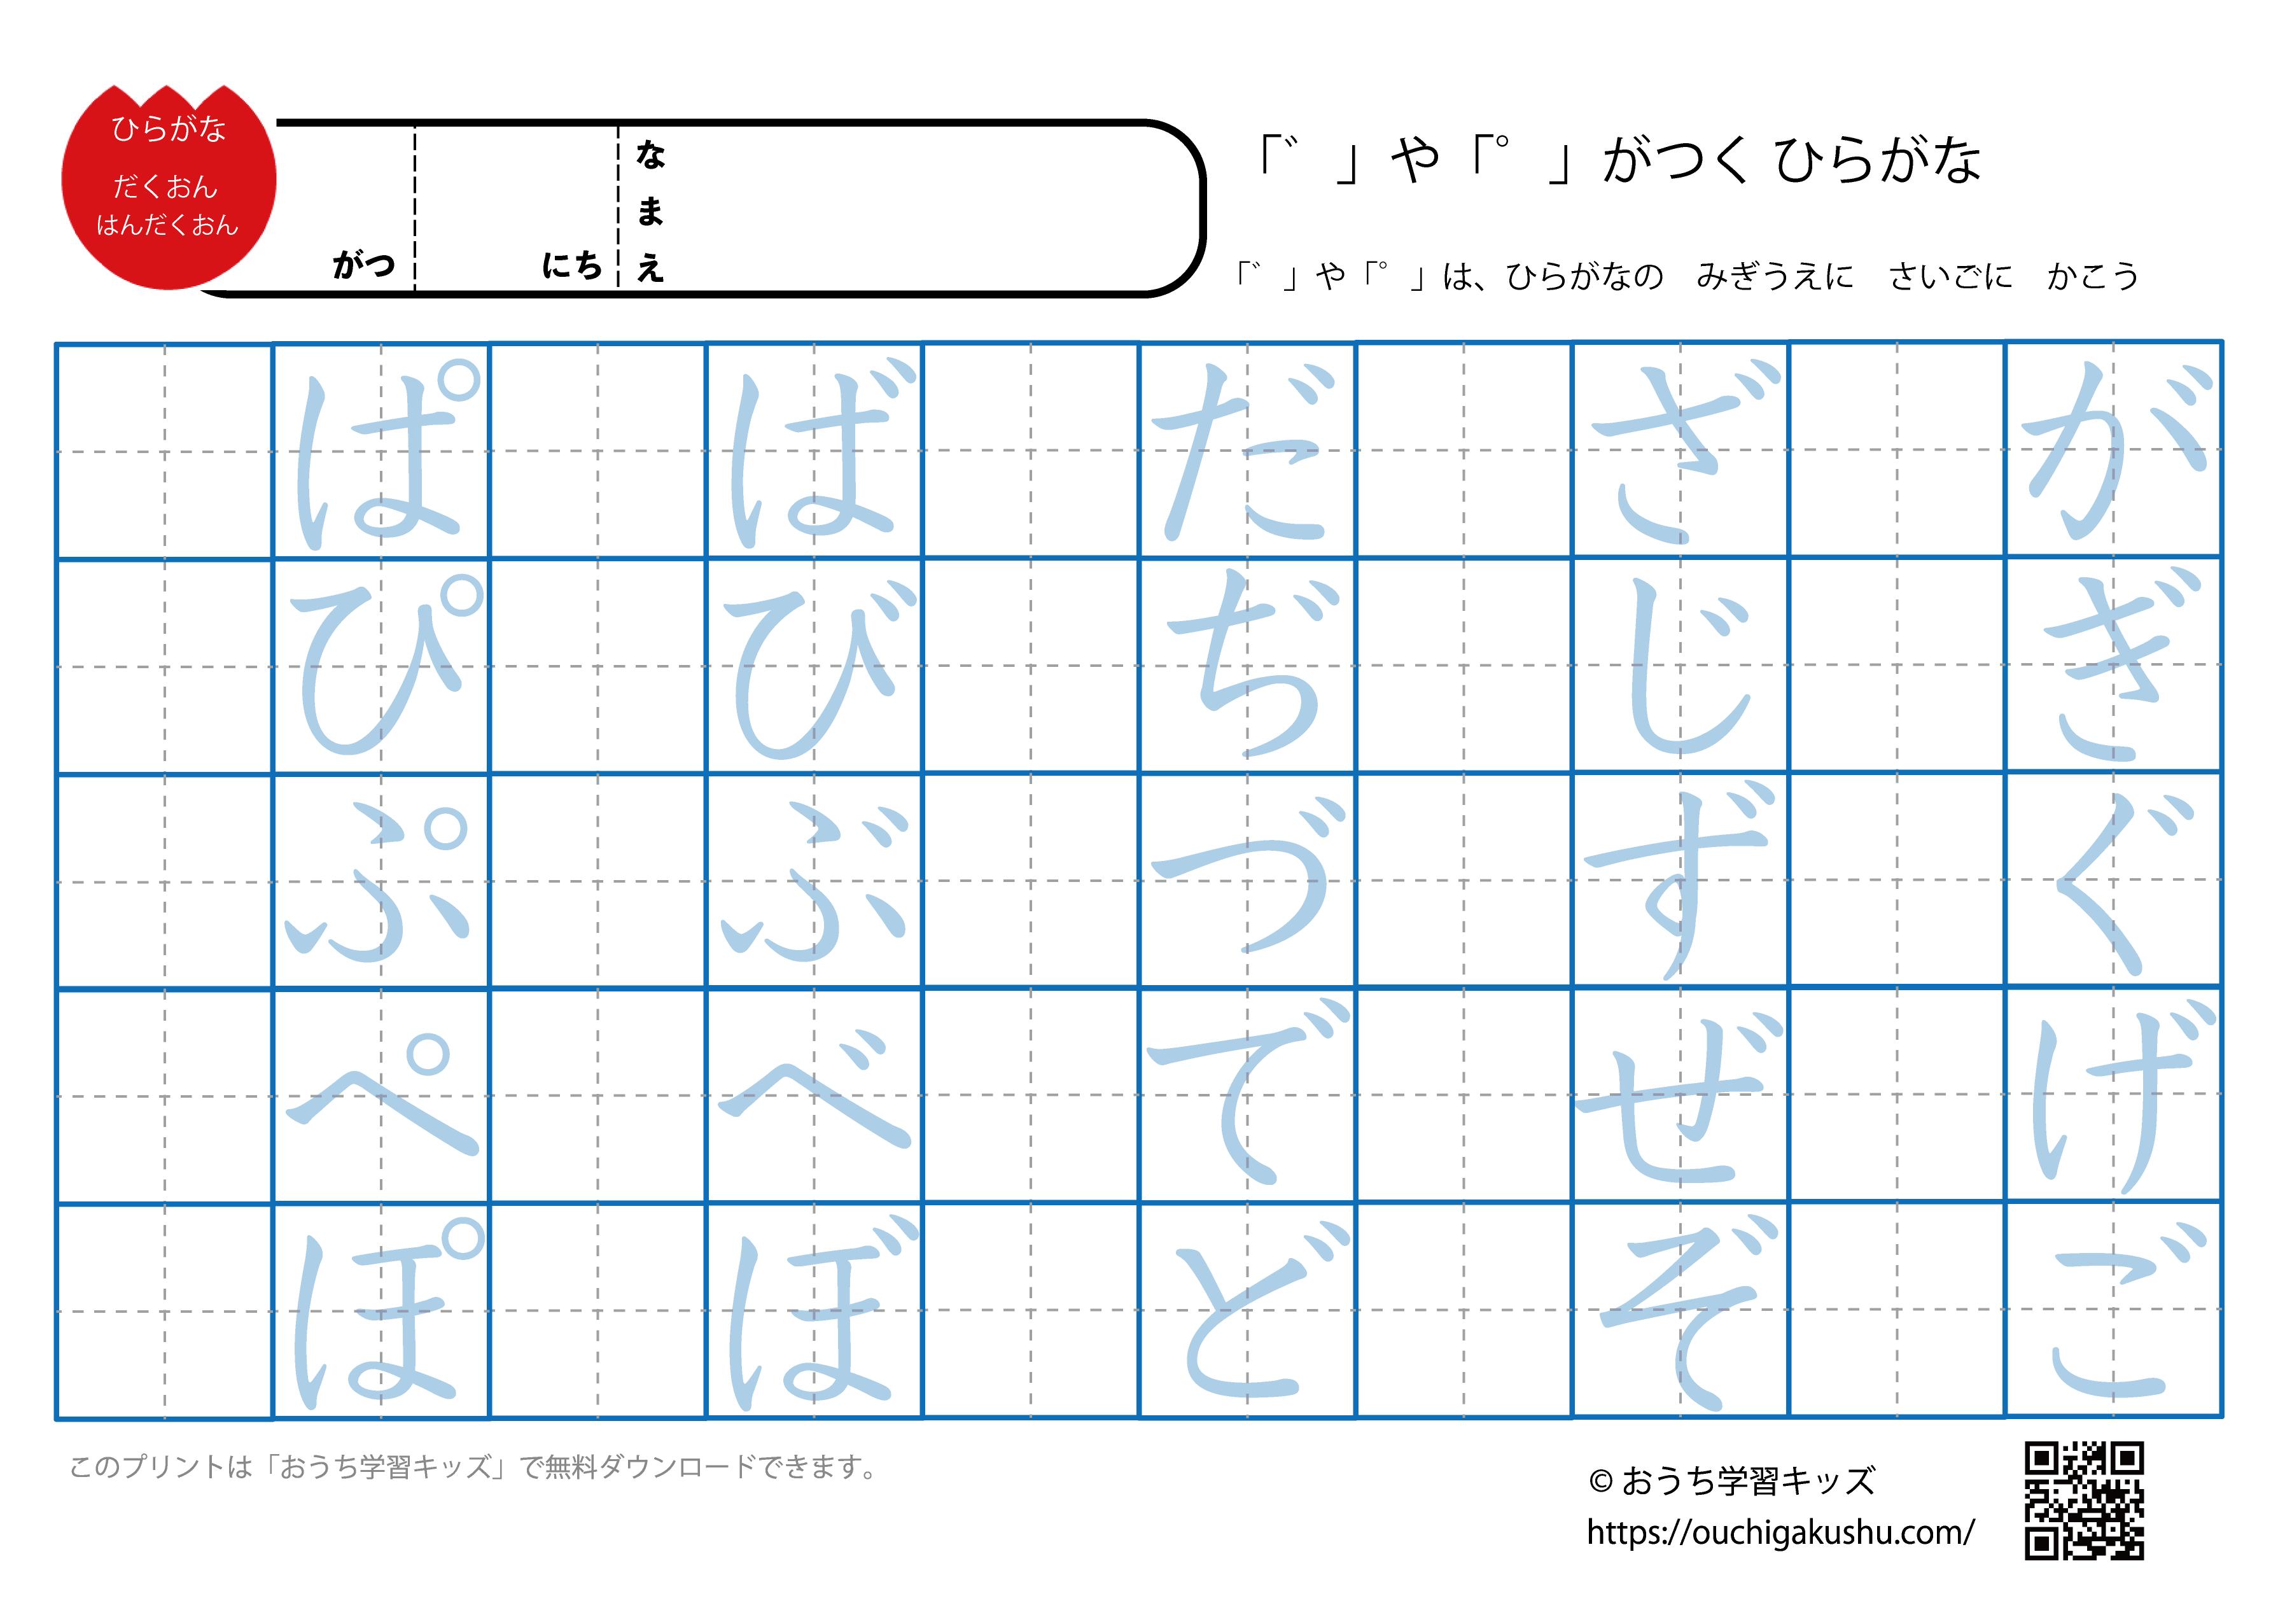 ひらがな練習プリント 濁音・半濁音1 なぞり書き(濃い文字)と空欄